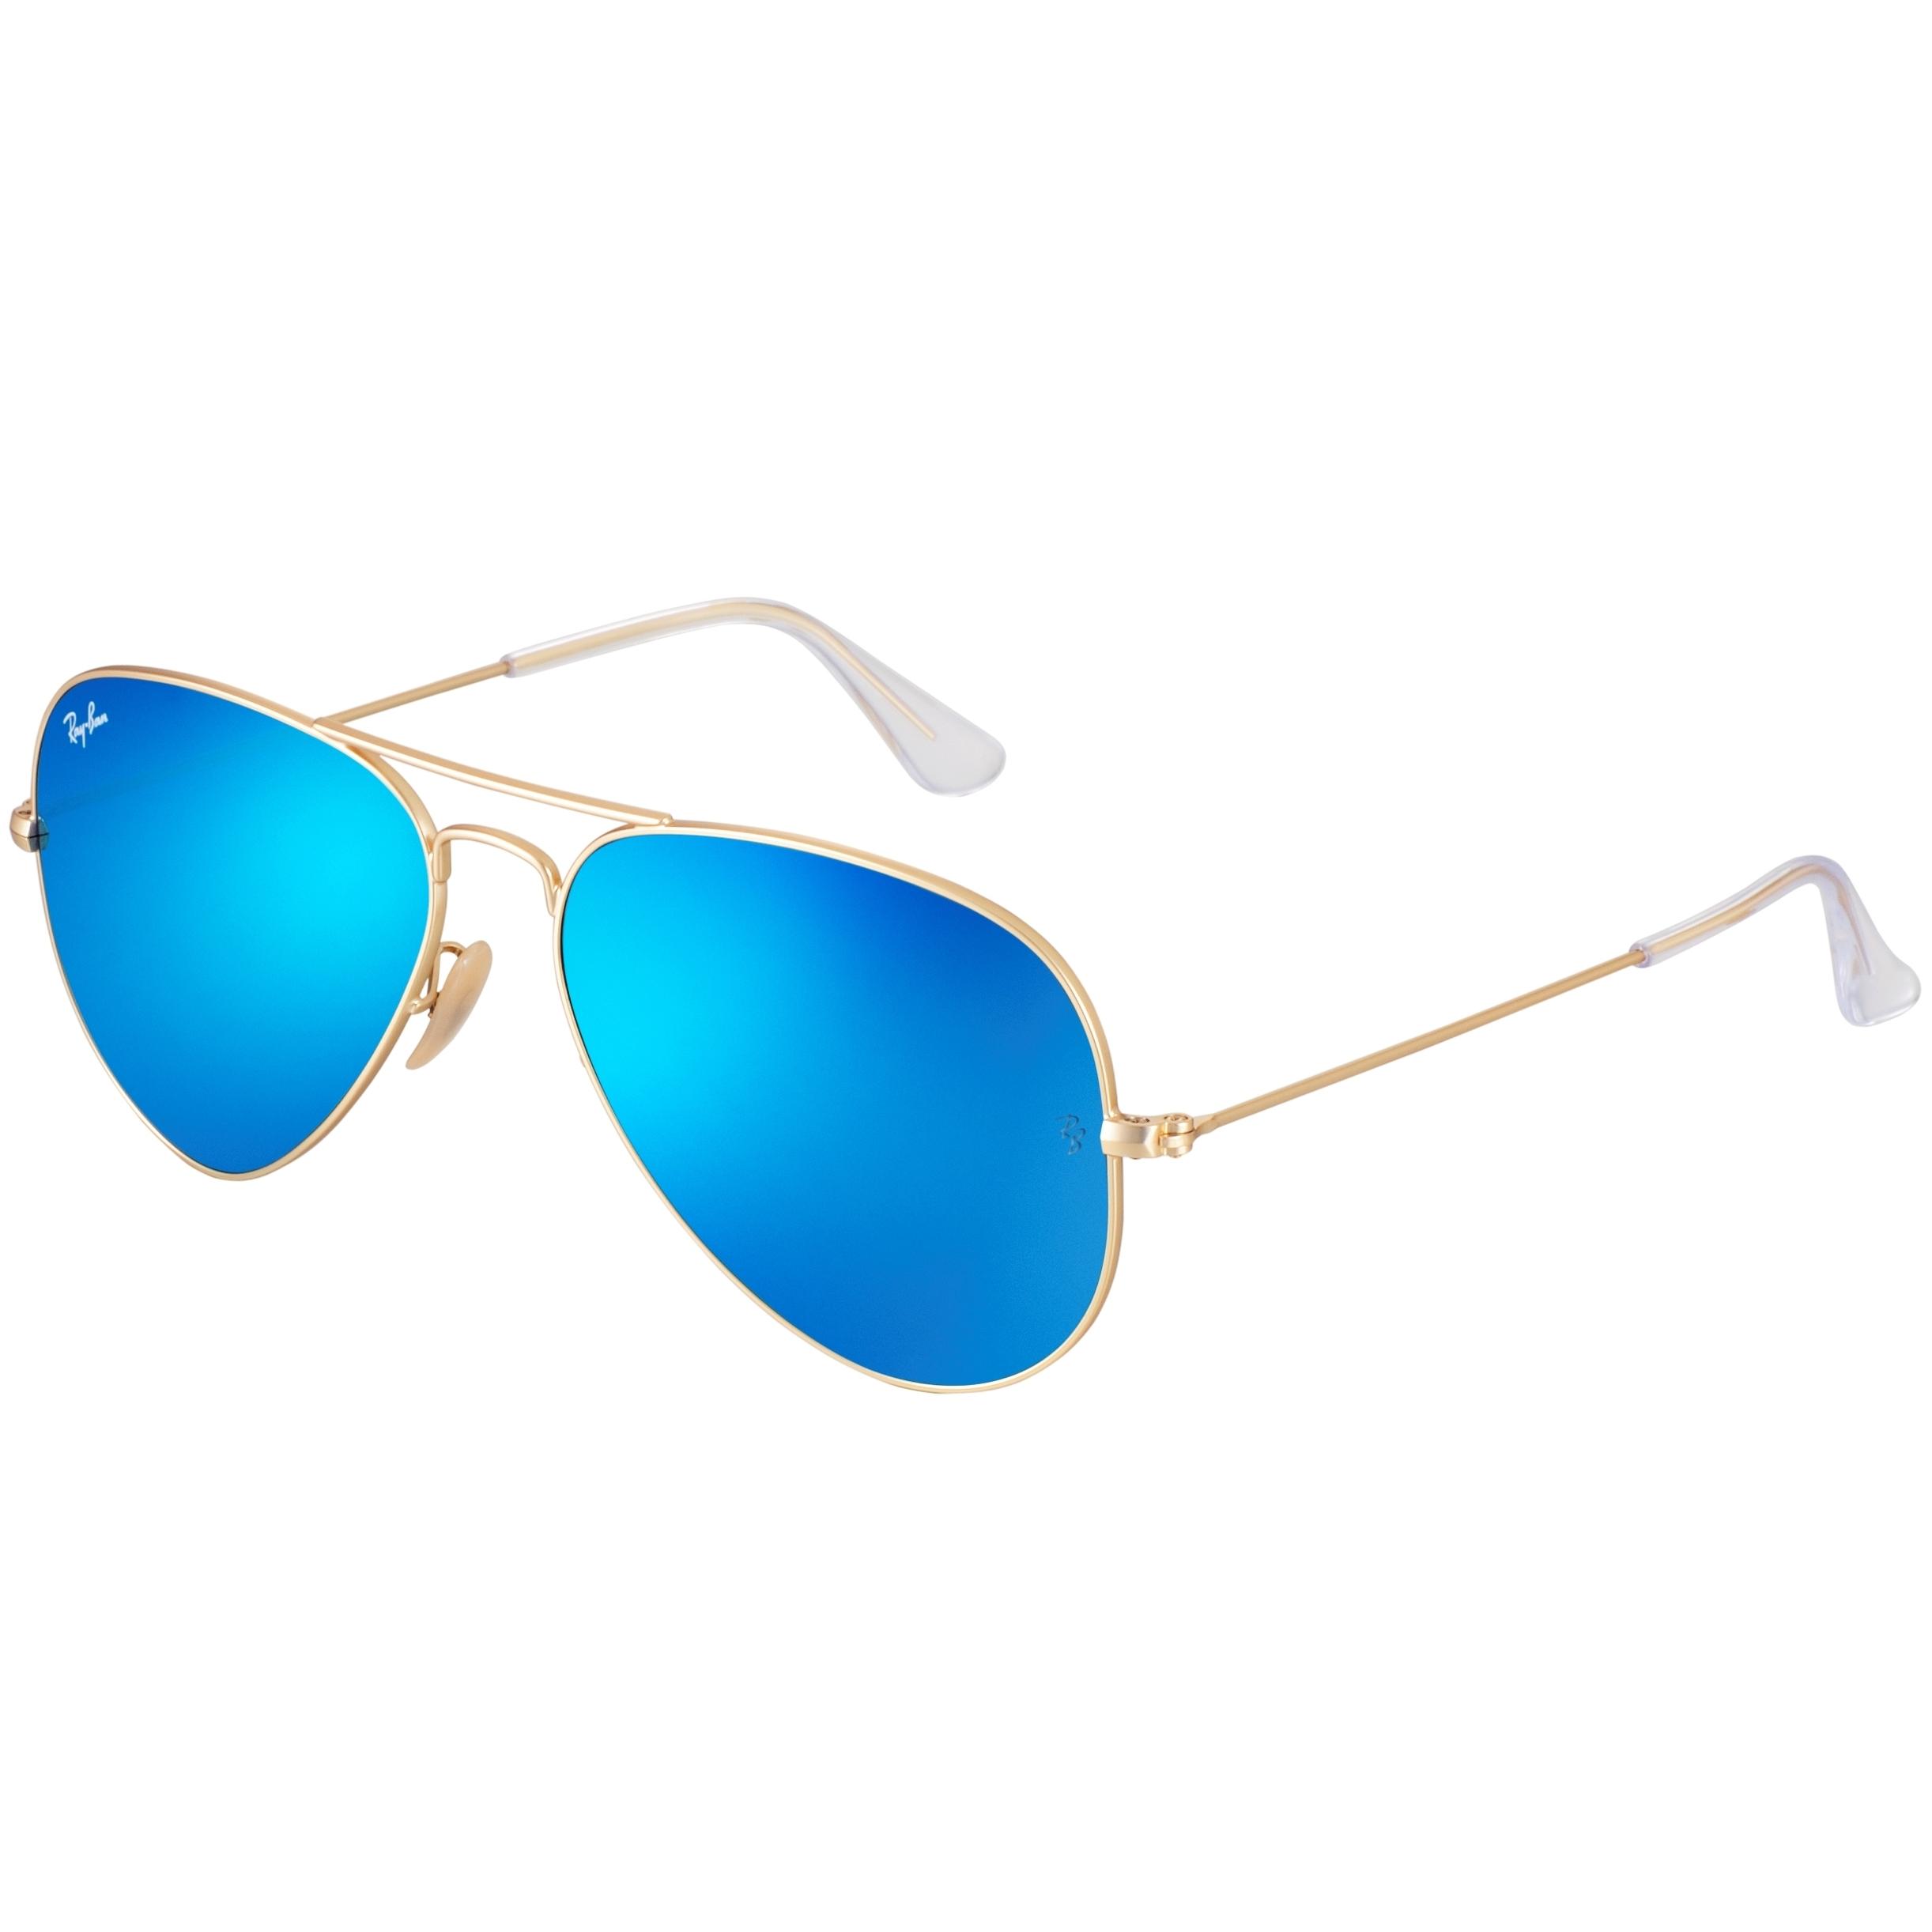 2296294119e38 a555012c8b490577a229a2d8b7f5bb4b 1.jpg. oiOferta   Moda e Acessórios    Óculos de Sol   Óculos Unissex. Óculos Ray Ban Aviador ...